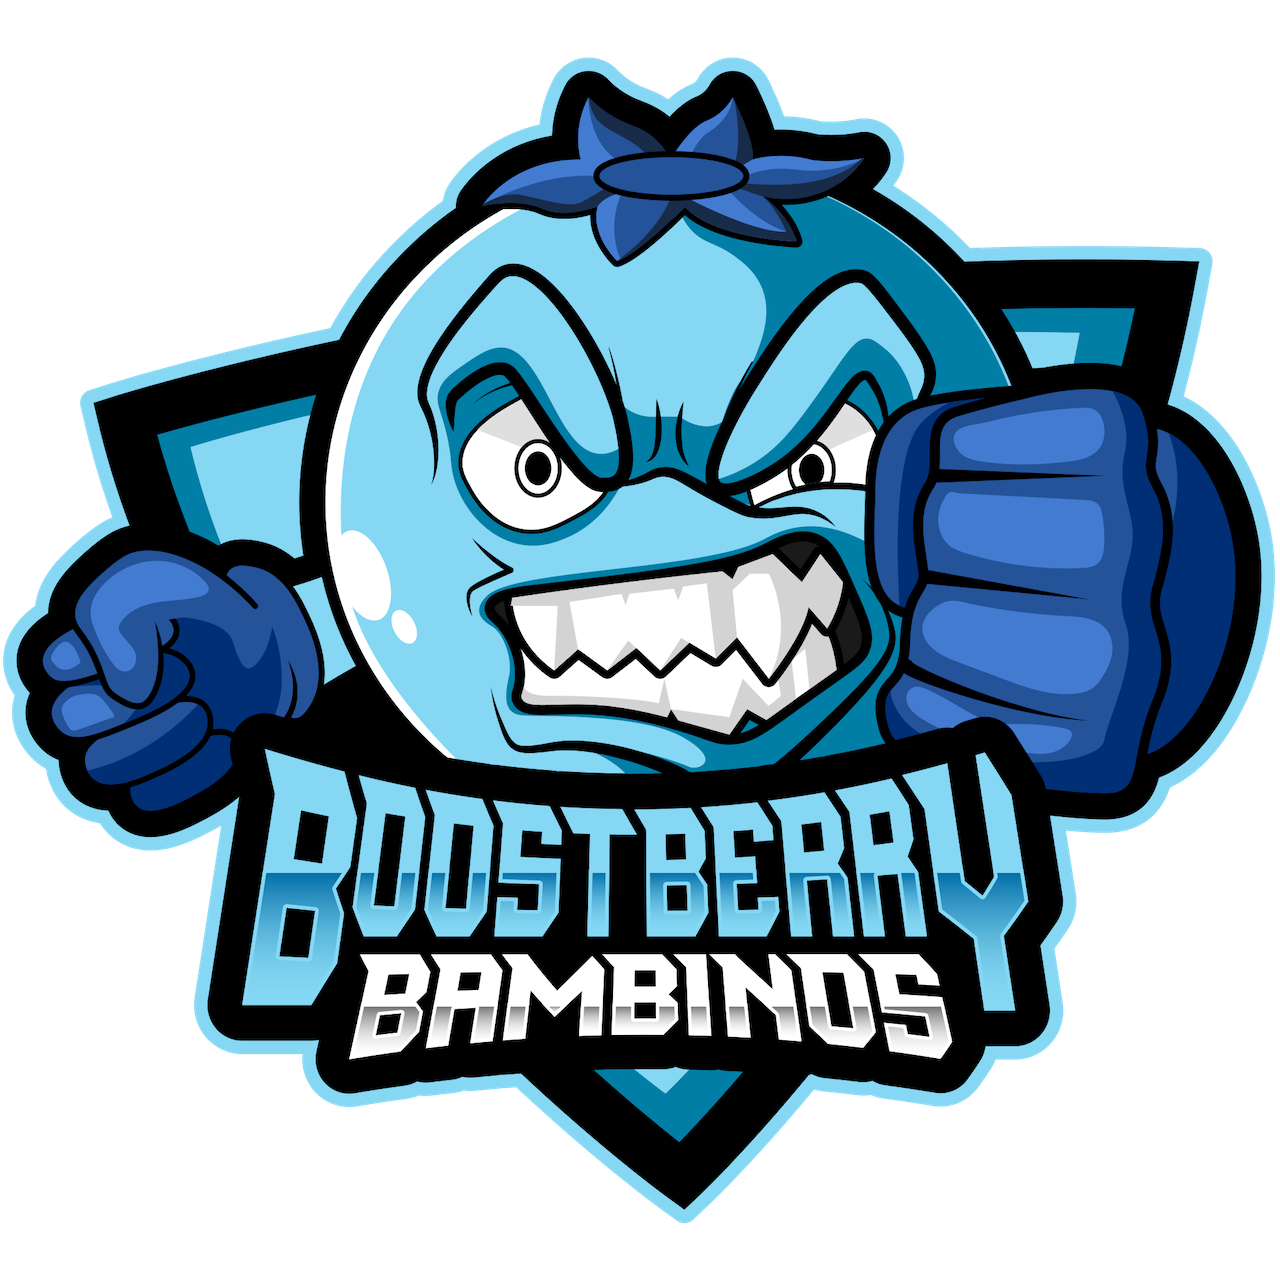 BoostBerry Bambinos Logo